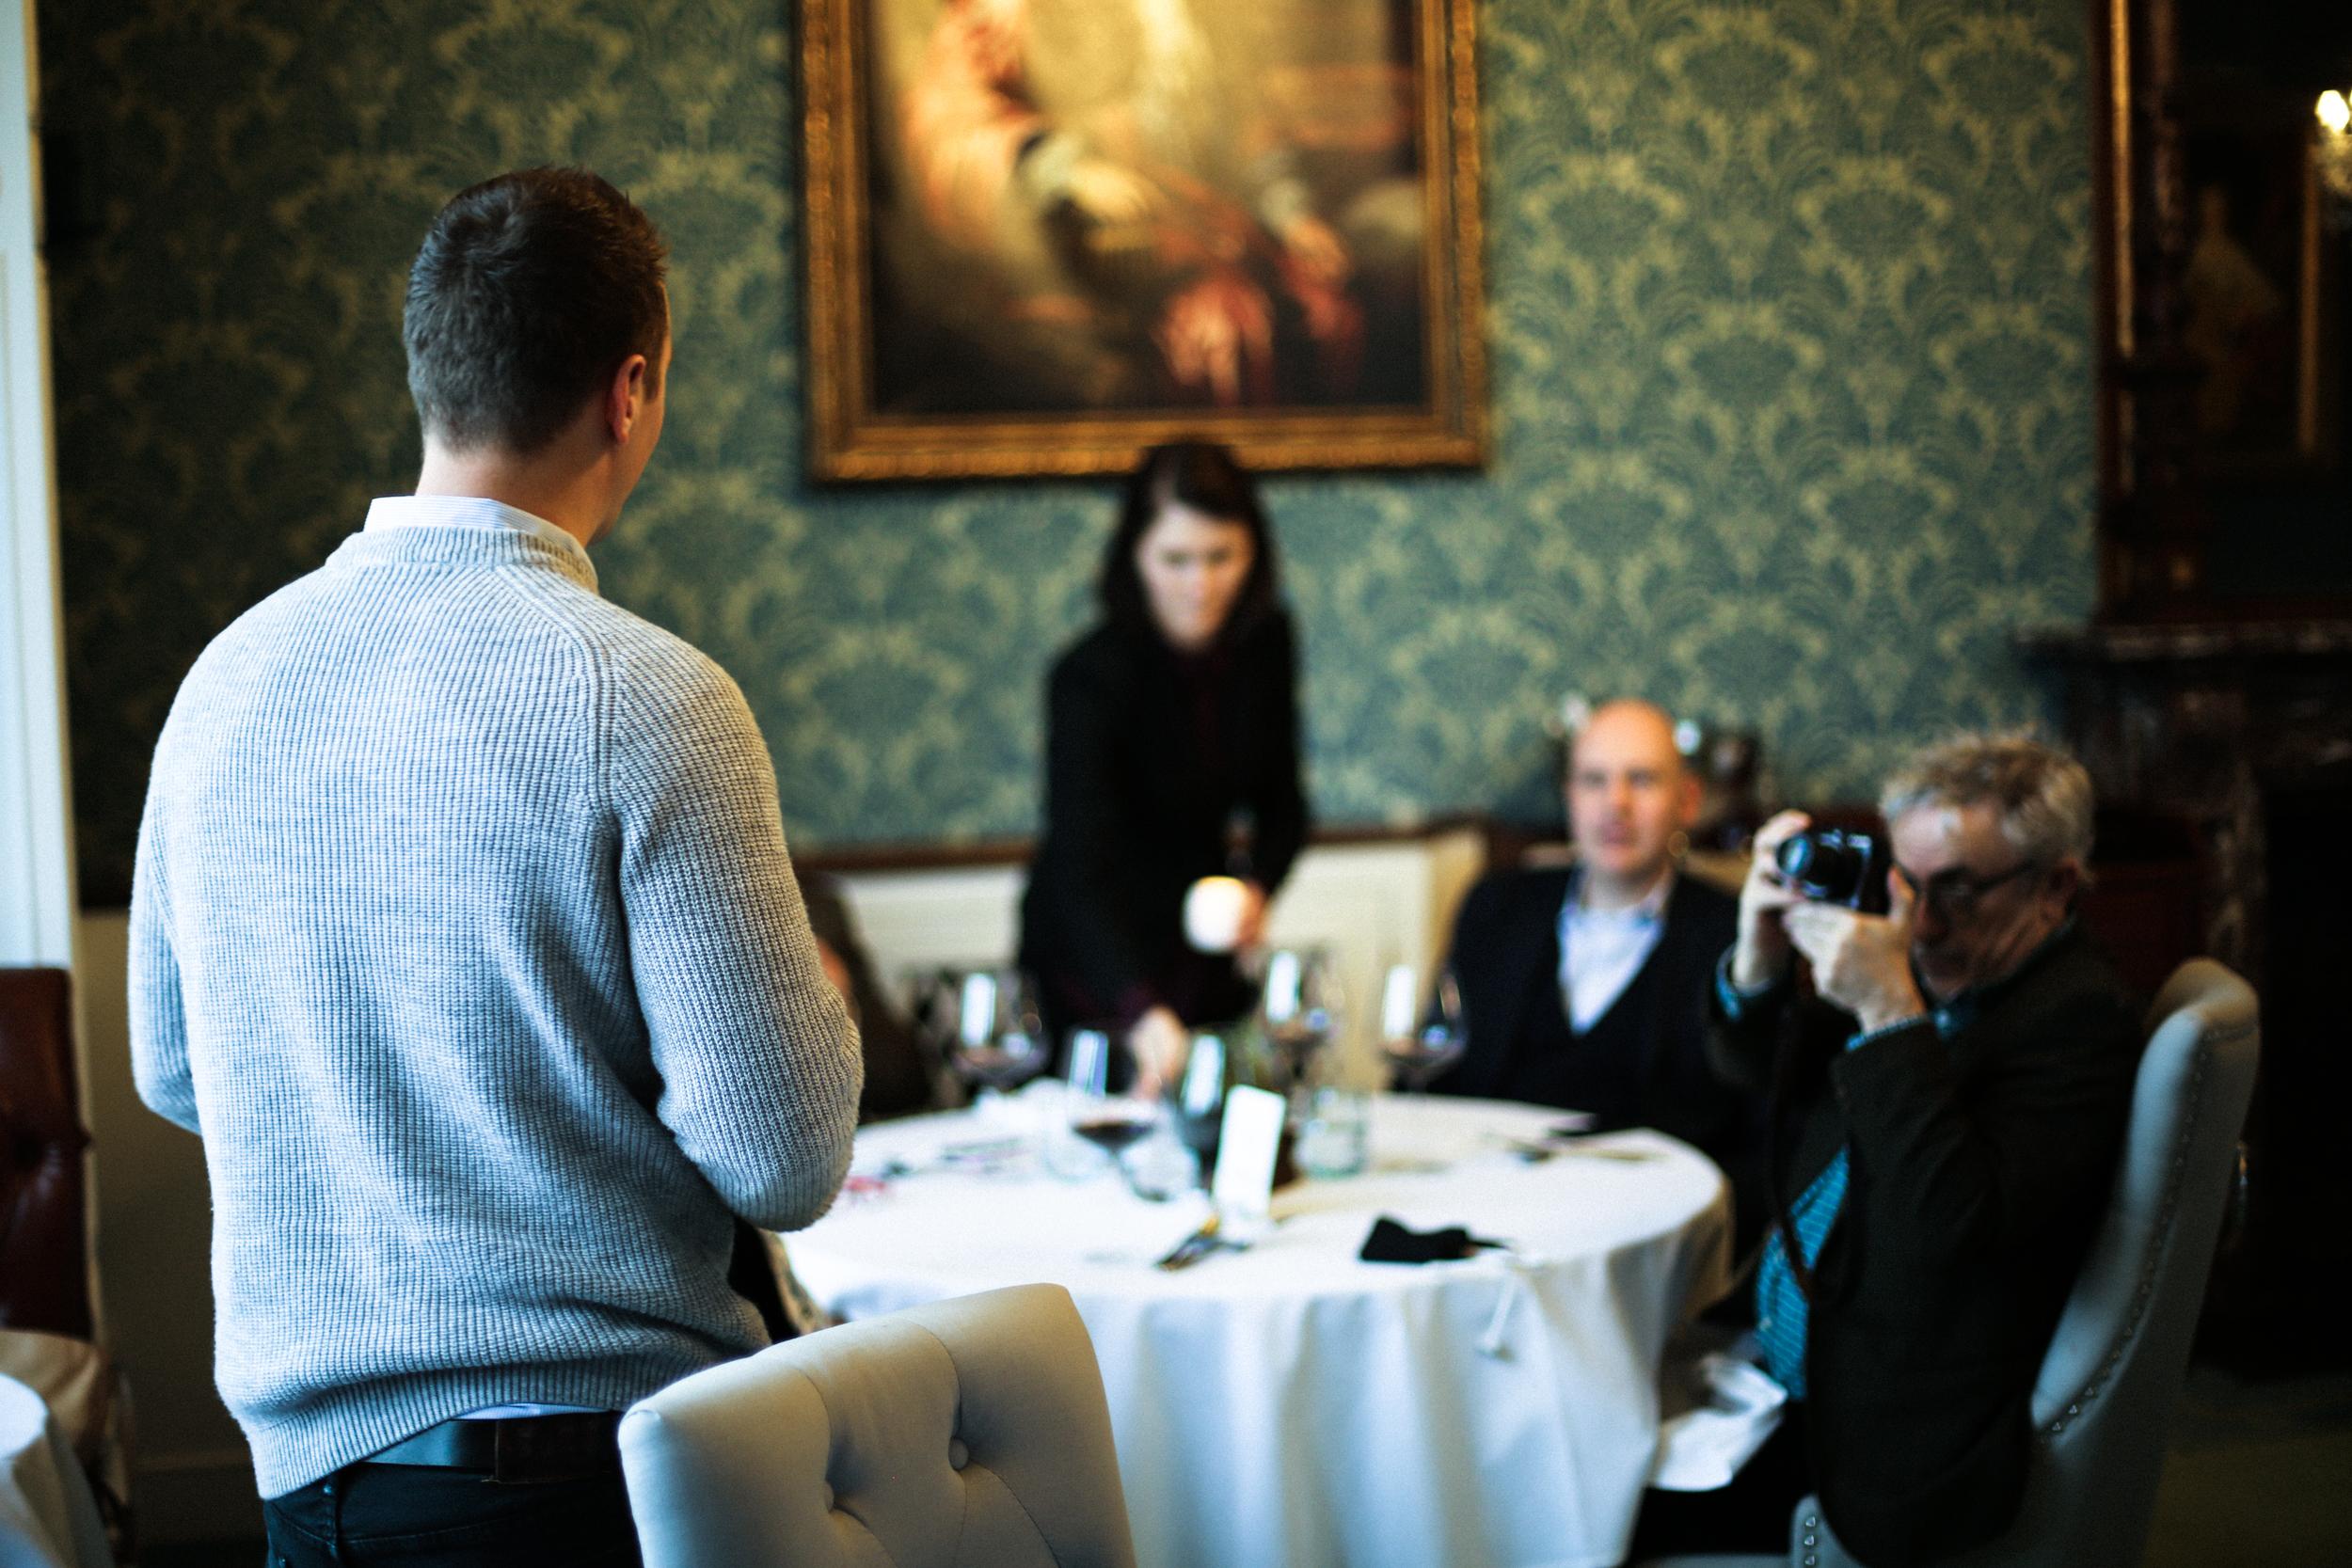 Lucie Loves Restaurant Interlude-40.jpg